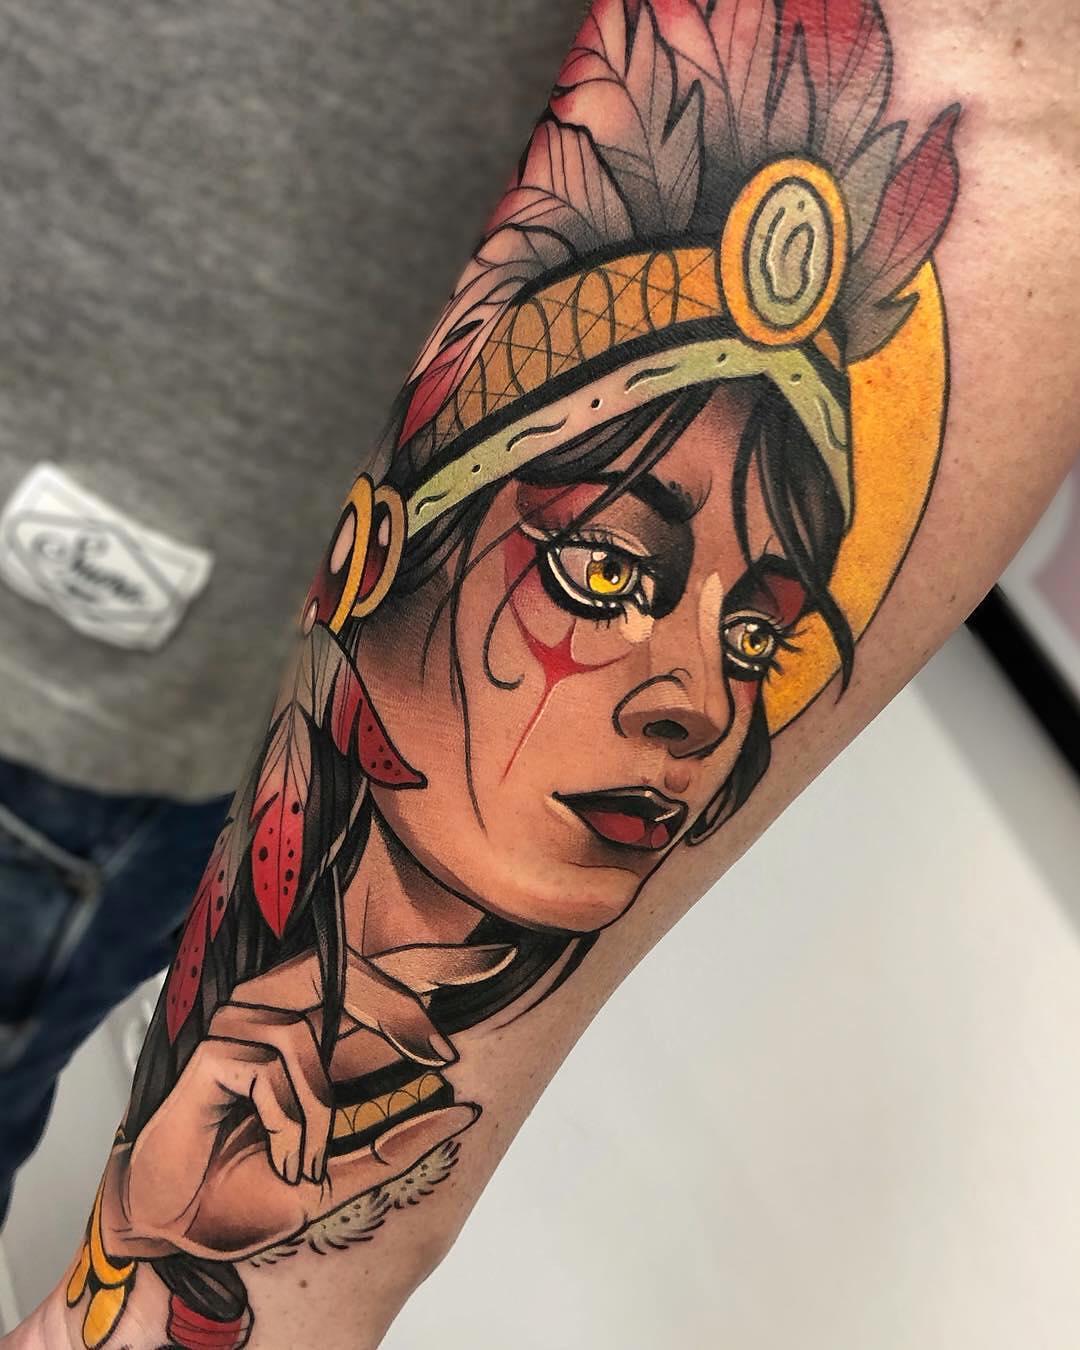 小臂彩色写实死侍纹身图案         小臂彩色写实印第安面具纹身图片